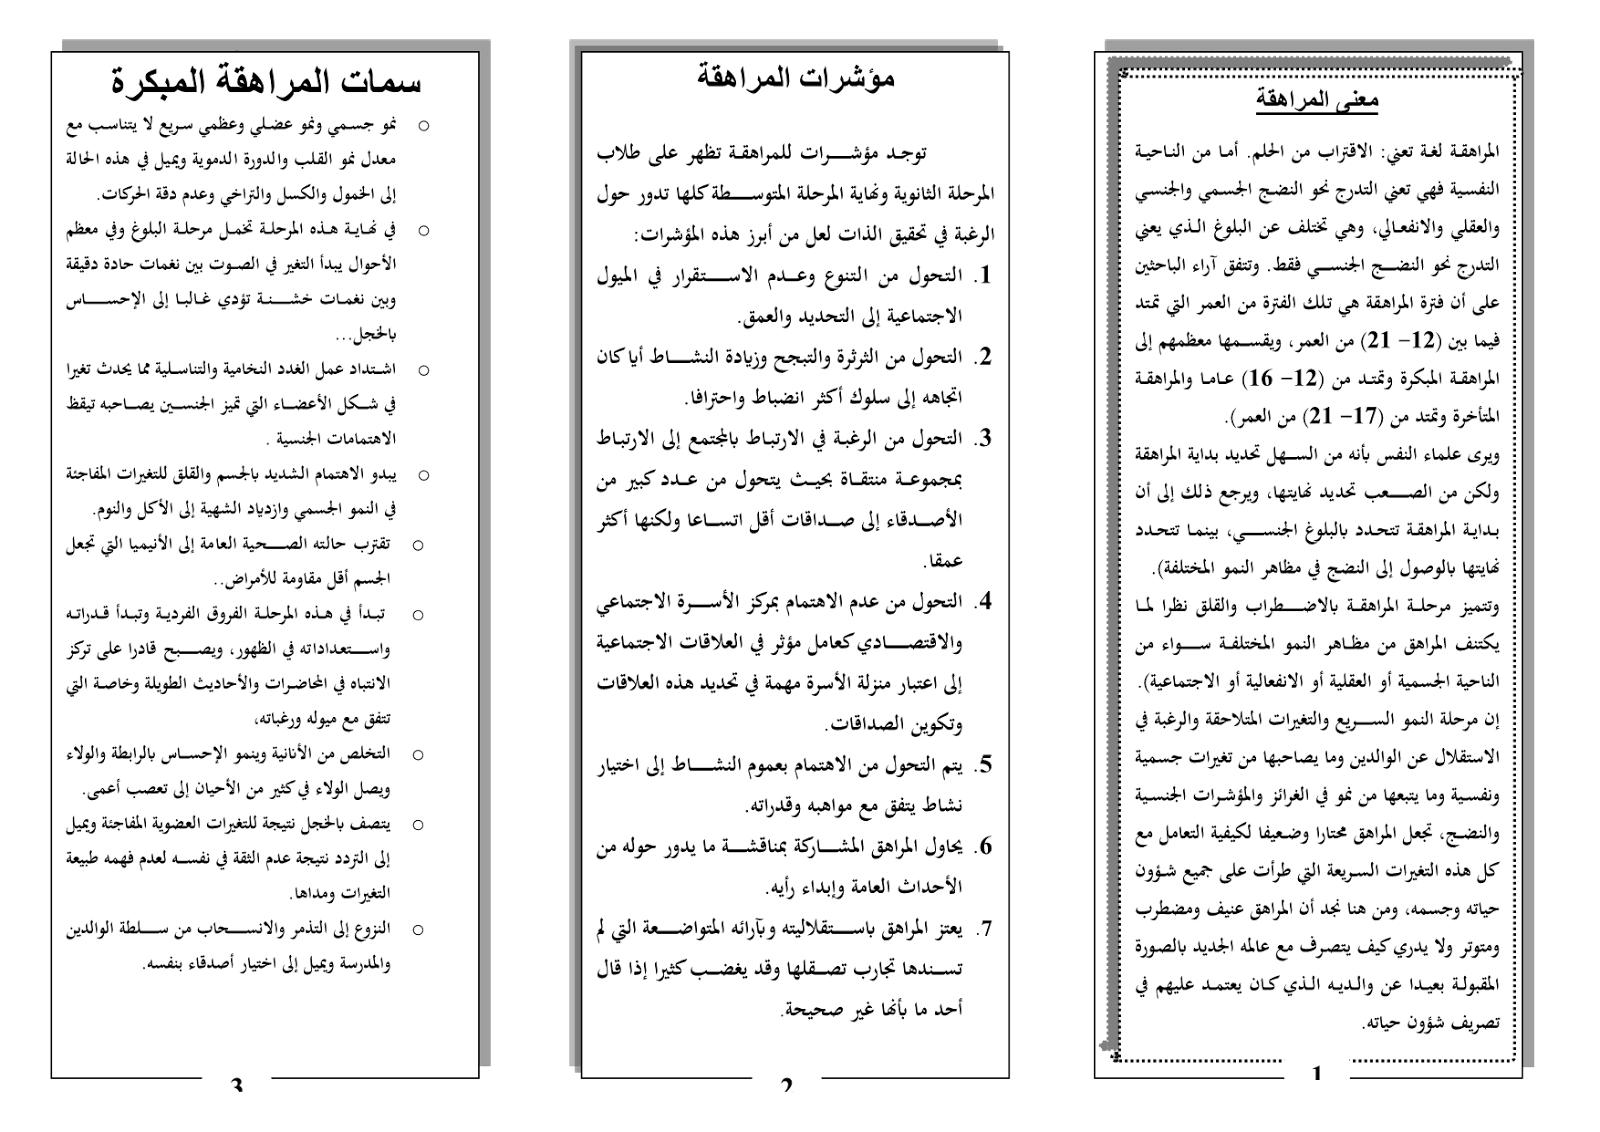 موسوعة المطويات والنشرات التربوية الجزء الاول مجمعة بوابة